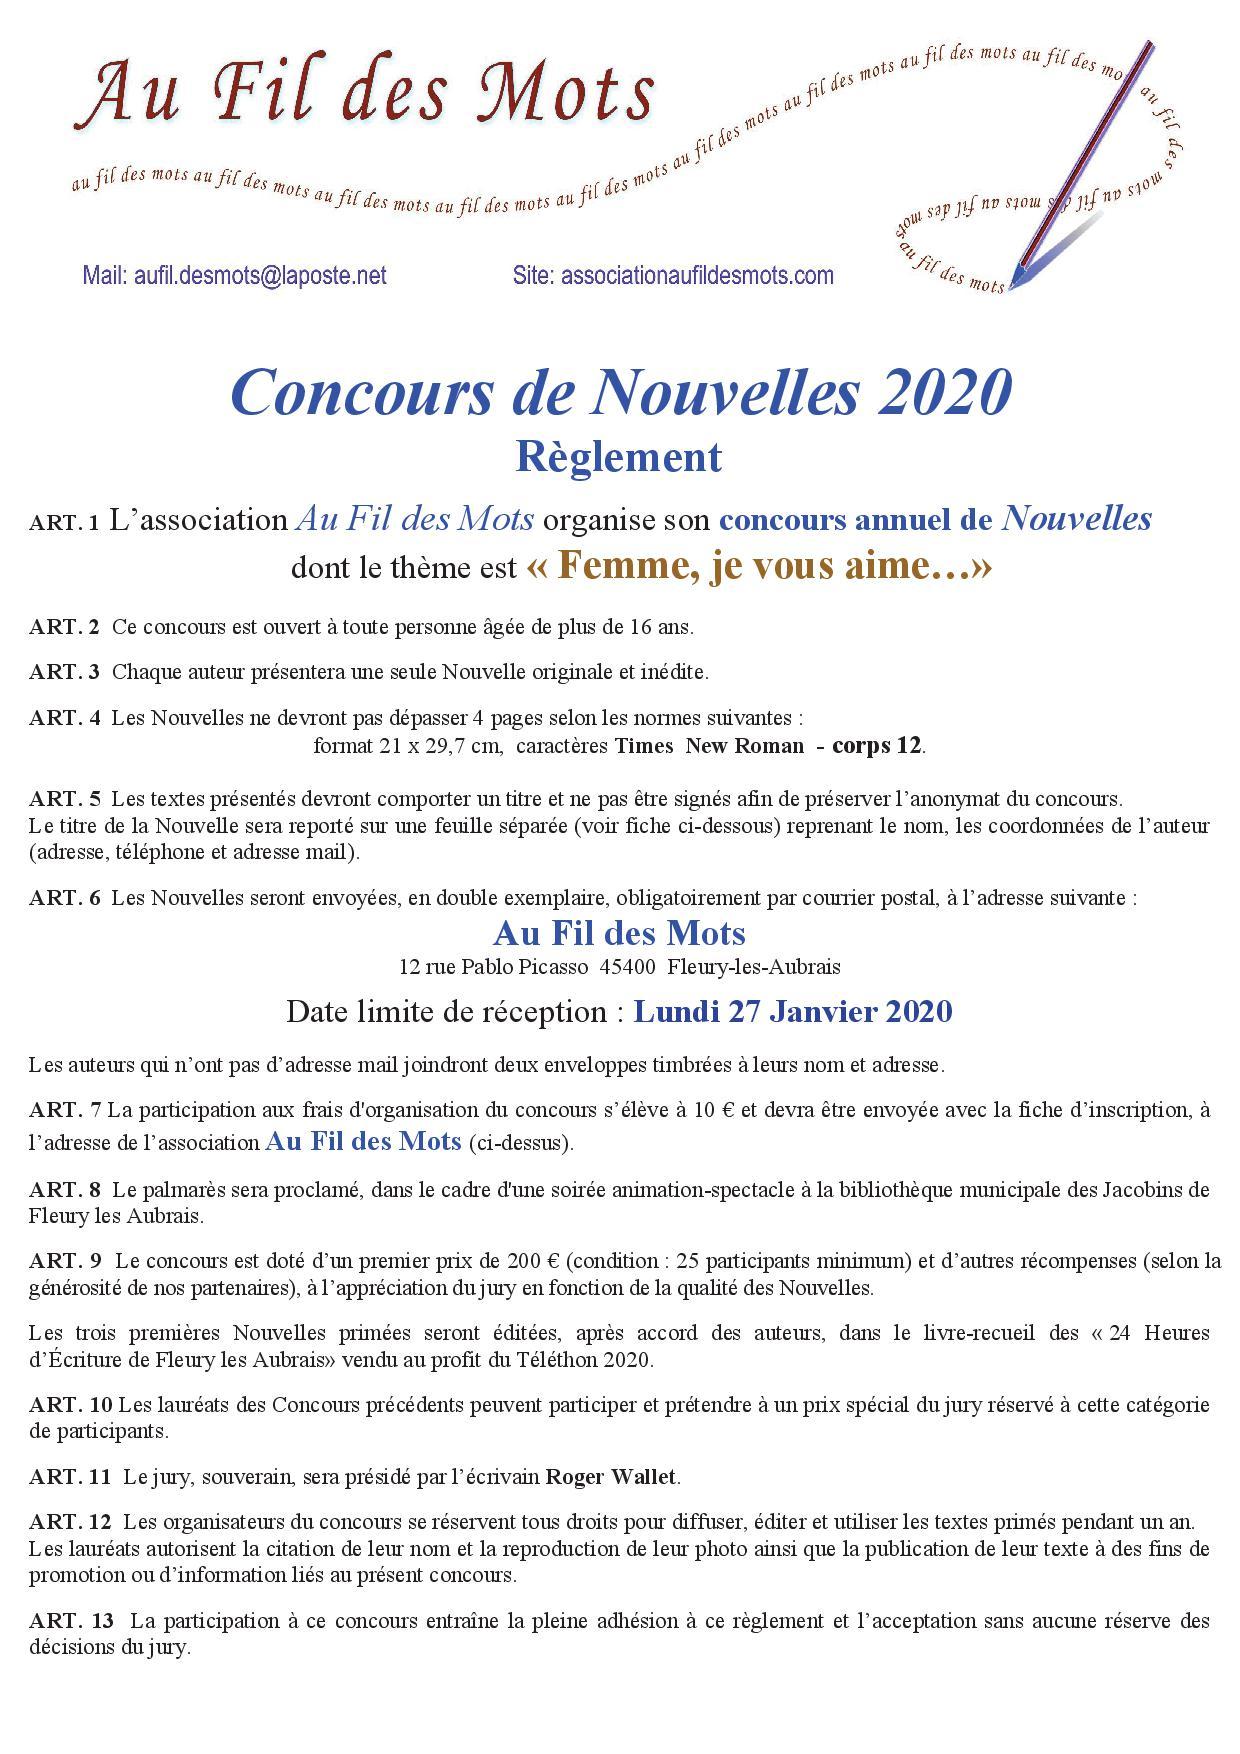 Réglement_Concours_20201